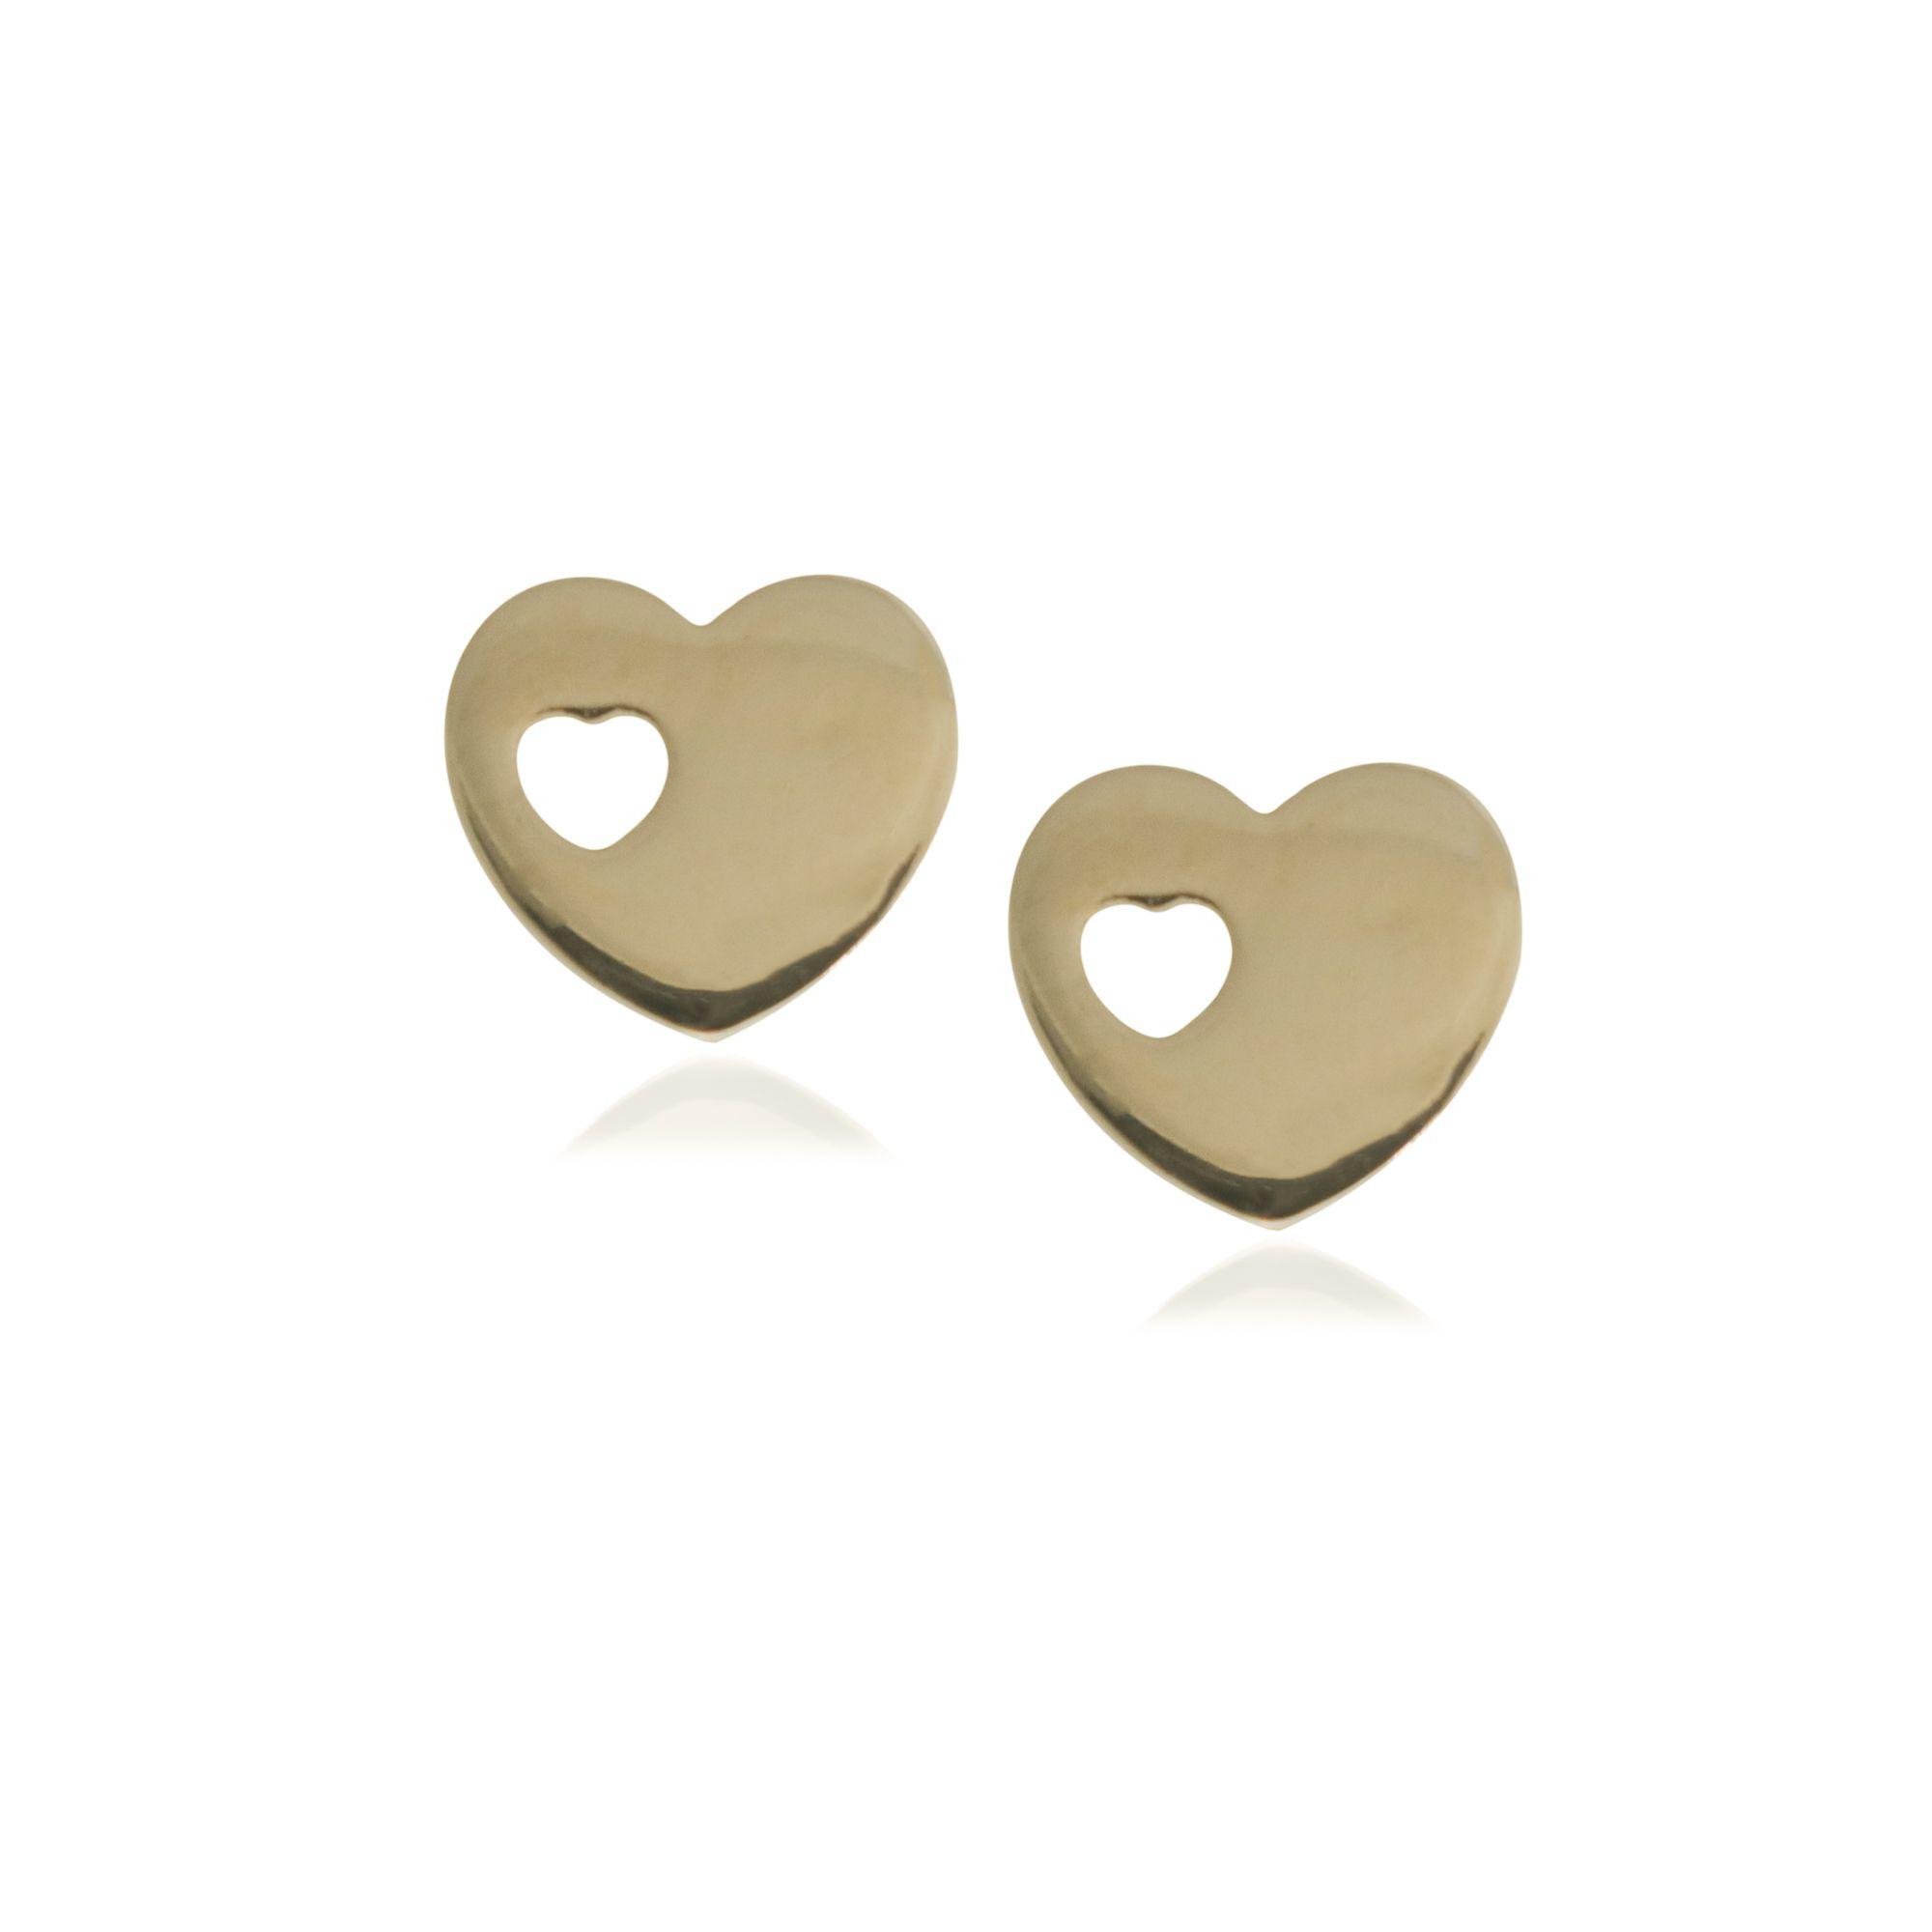 Brinco Semi joia coração vazado folheado a ouro 18k ou rhodium